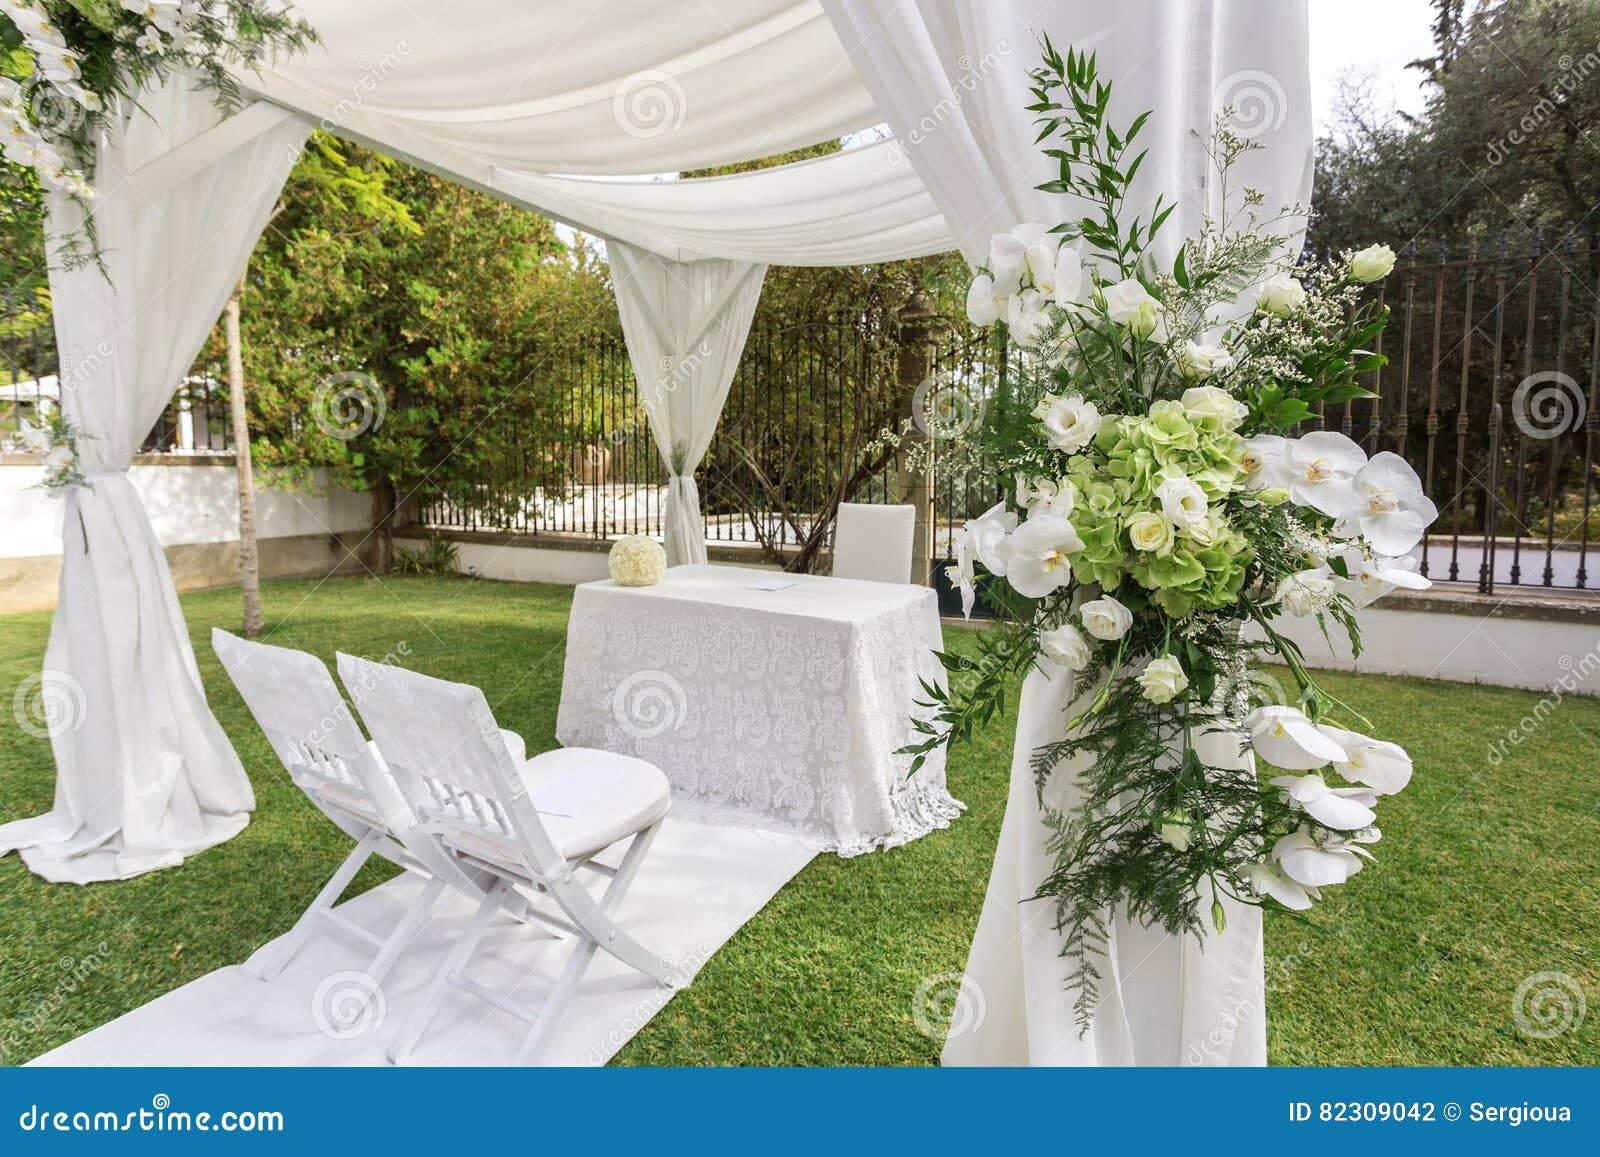 Décoration De Mariage Dans Le Jardin Photo stock - Image du ...